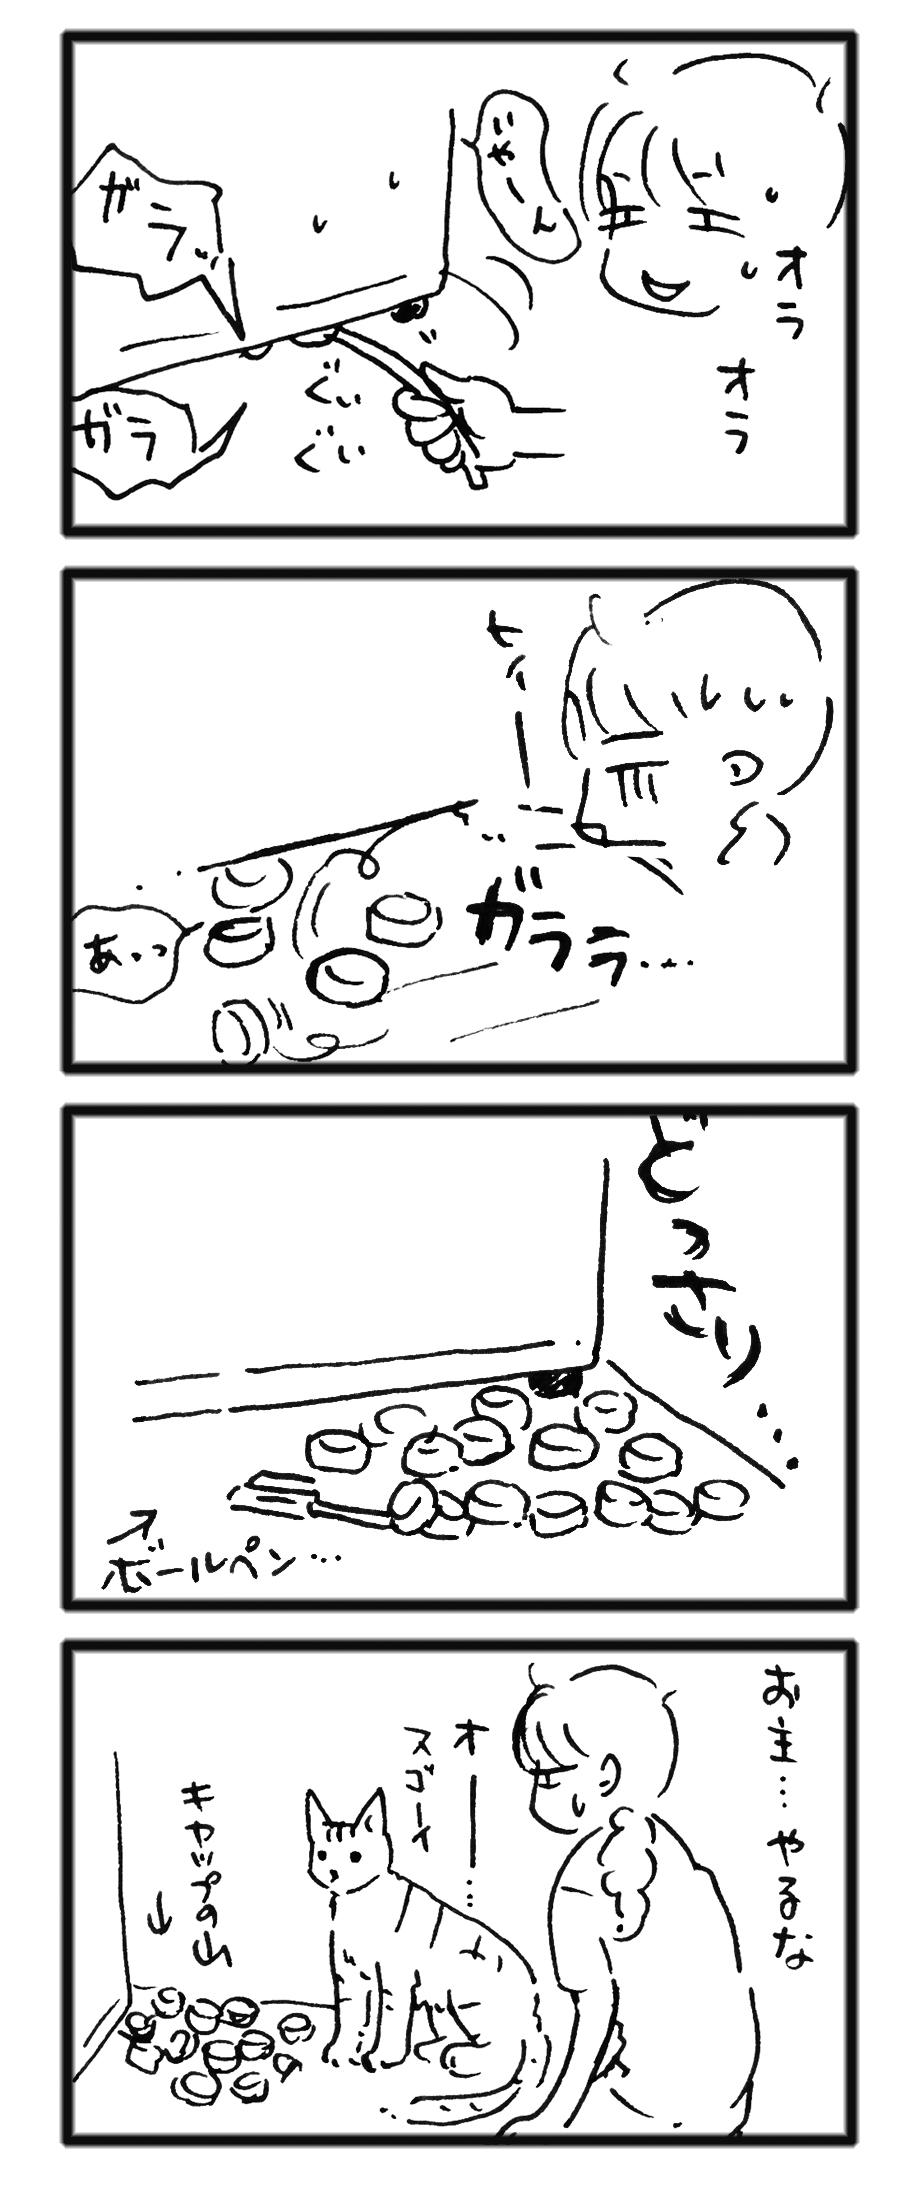 comic_2013072406.jpg